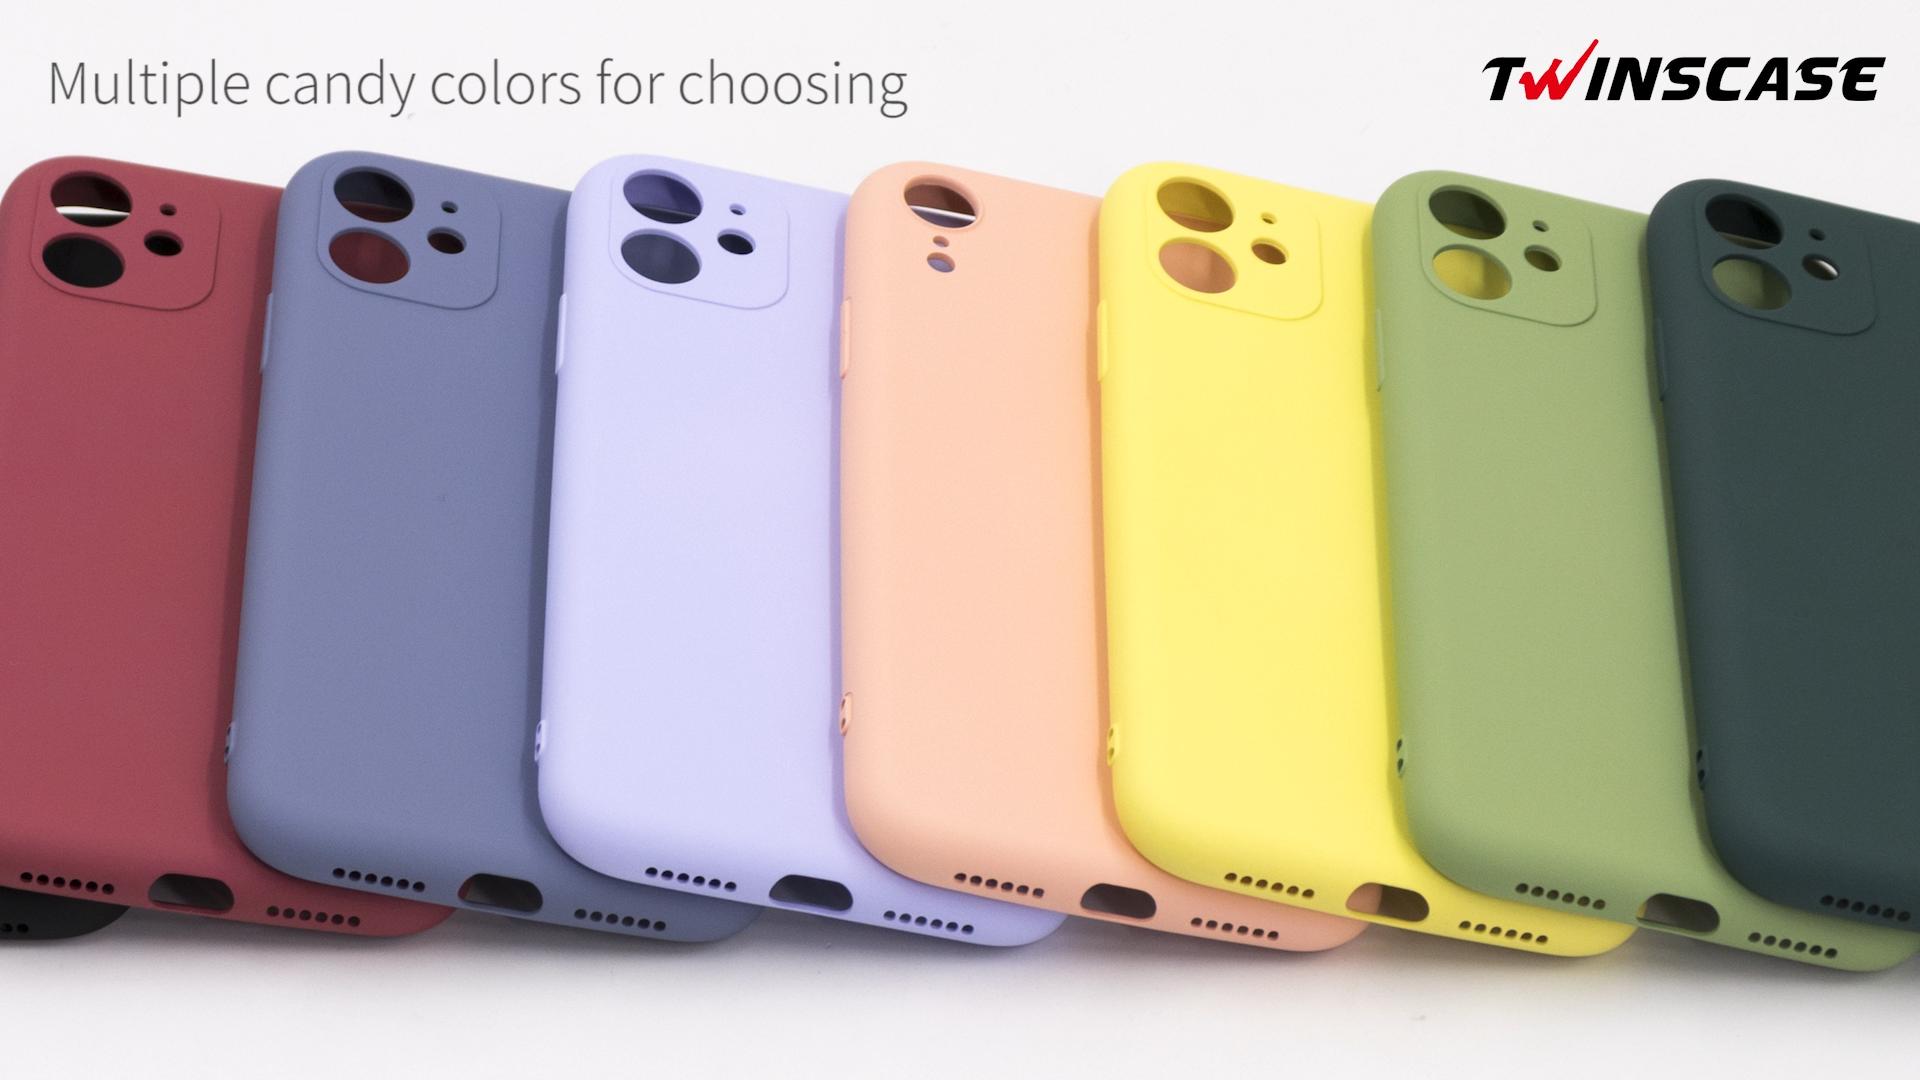 Fabrika fiyat cep telefonu arka kapak ile mikrofiber bez astar yastık yumuşak TPU kılıf için Apple iPhone durumda, iPhone 11